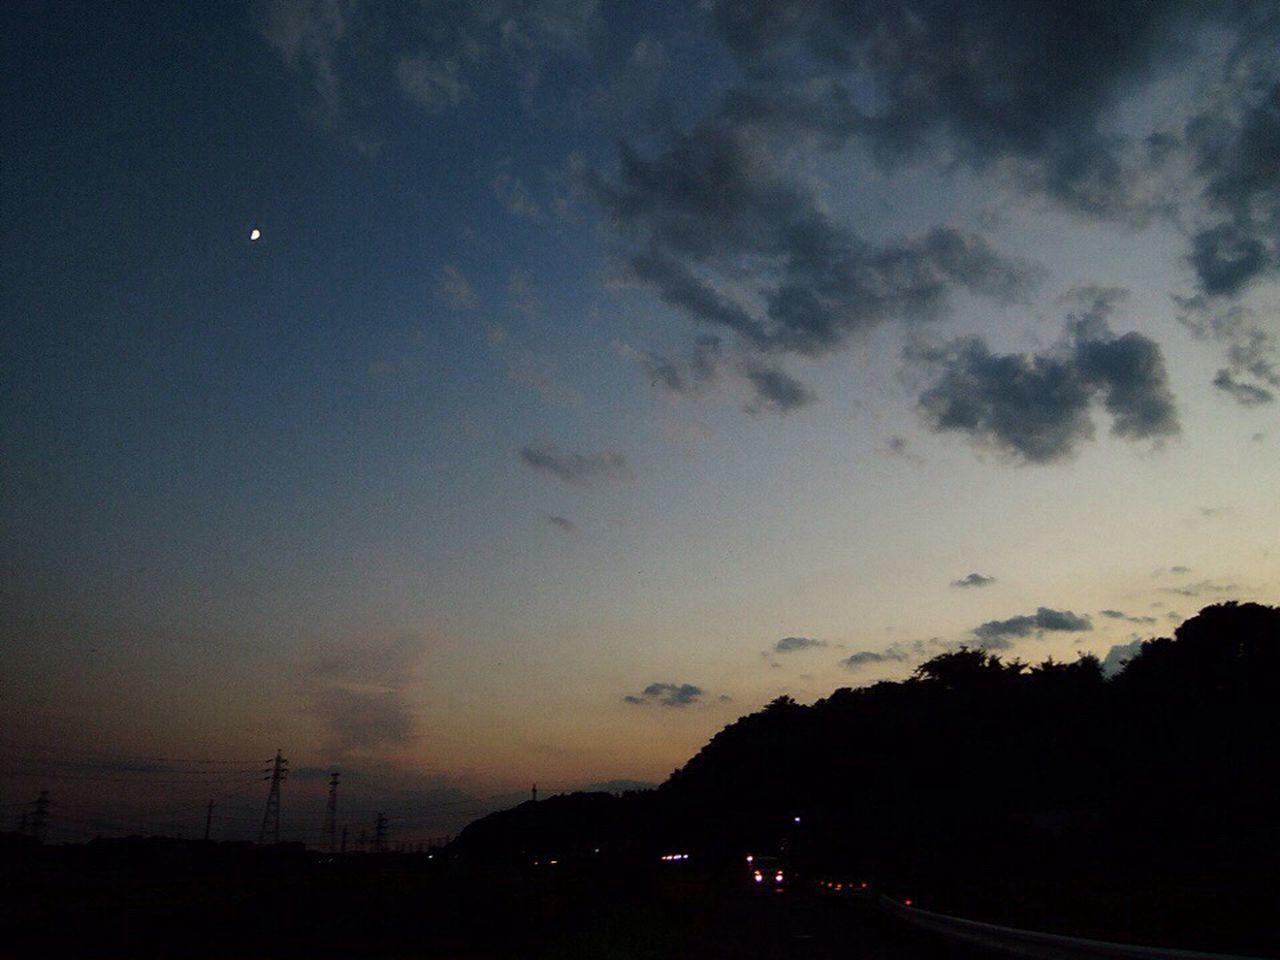 おつかれさま。 NikonP330 夕暮れ時 おつかれさま